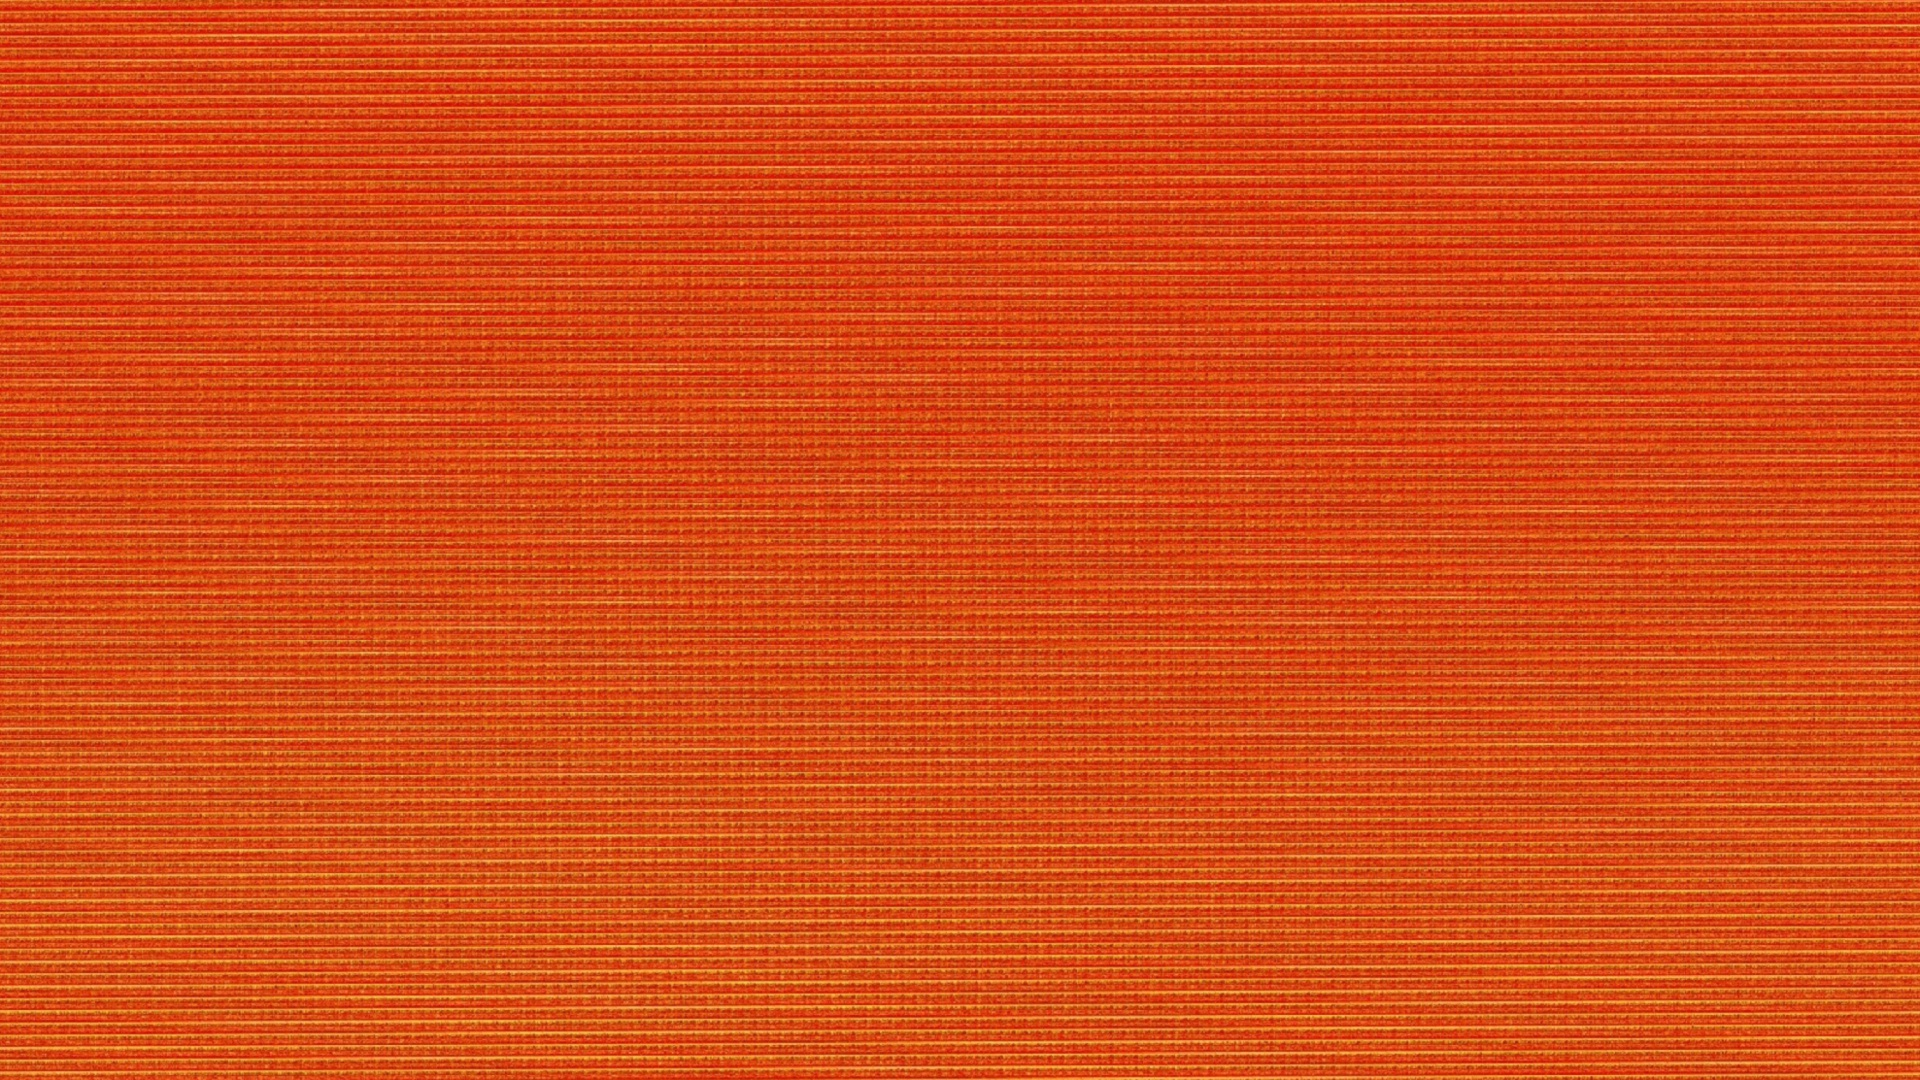 Material mate красный оранжевый бесплатно